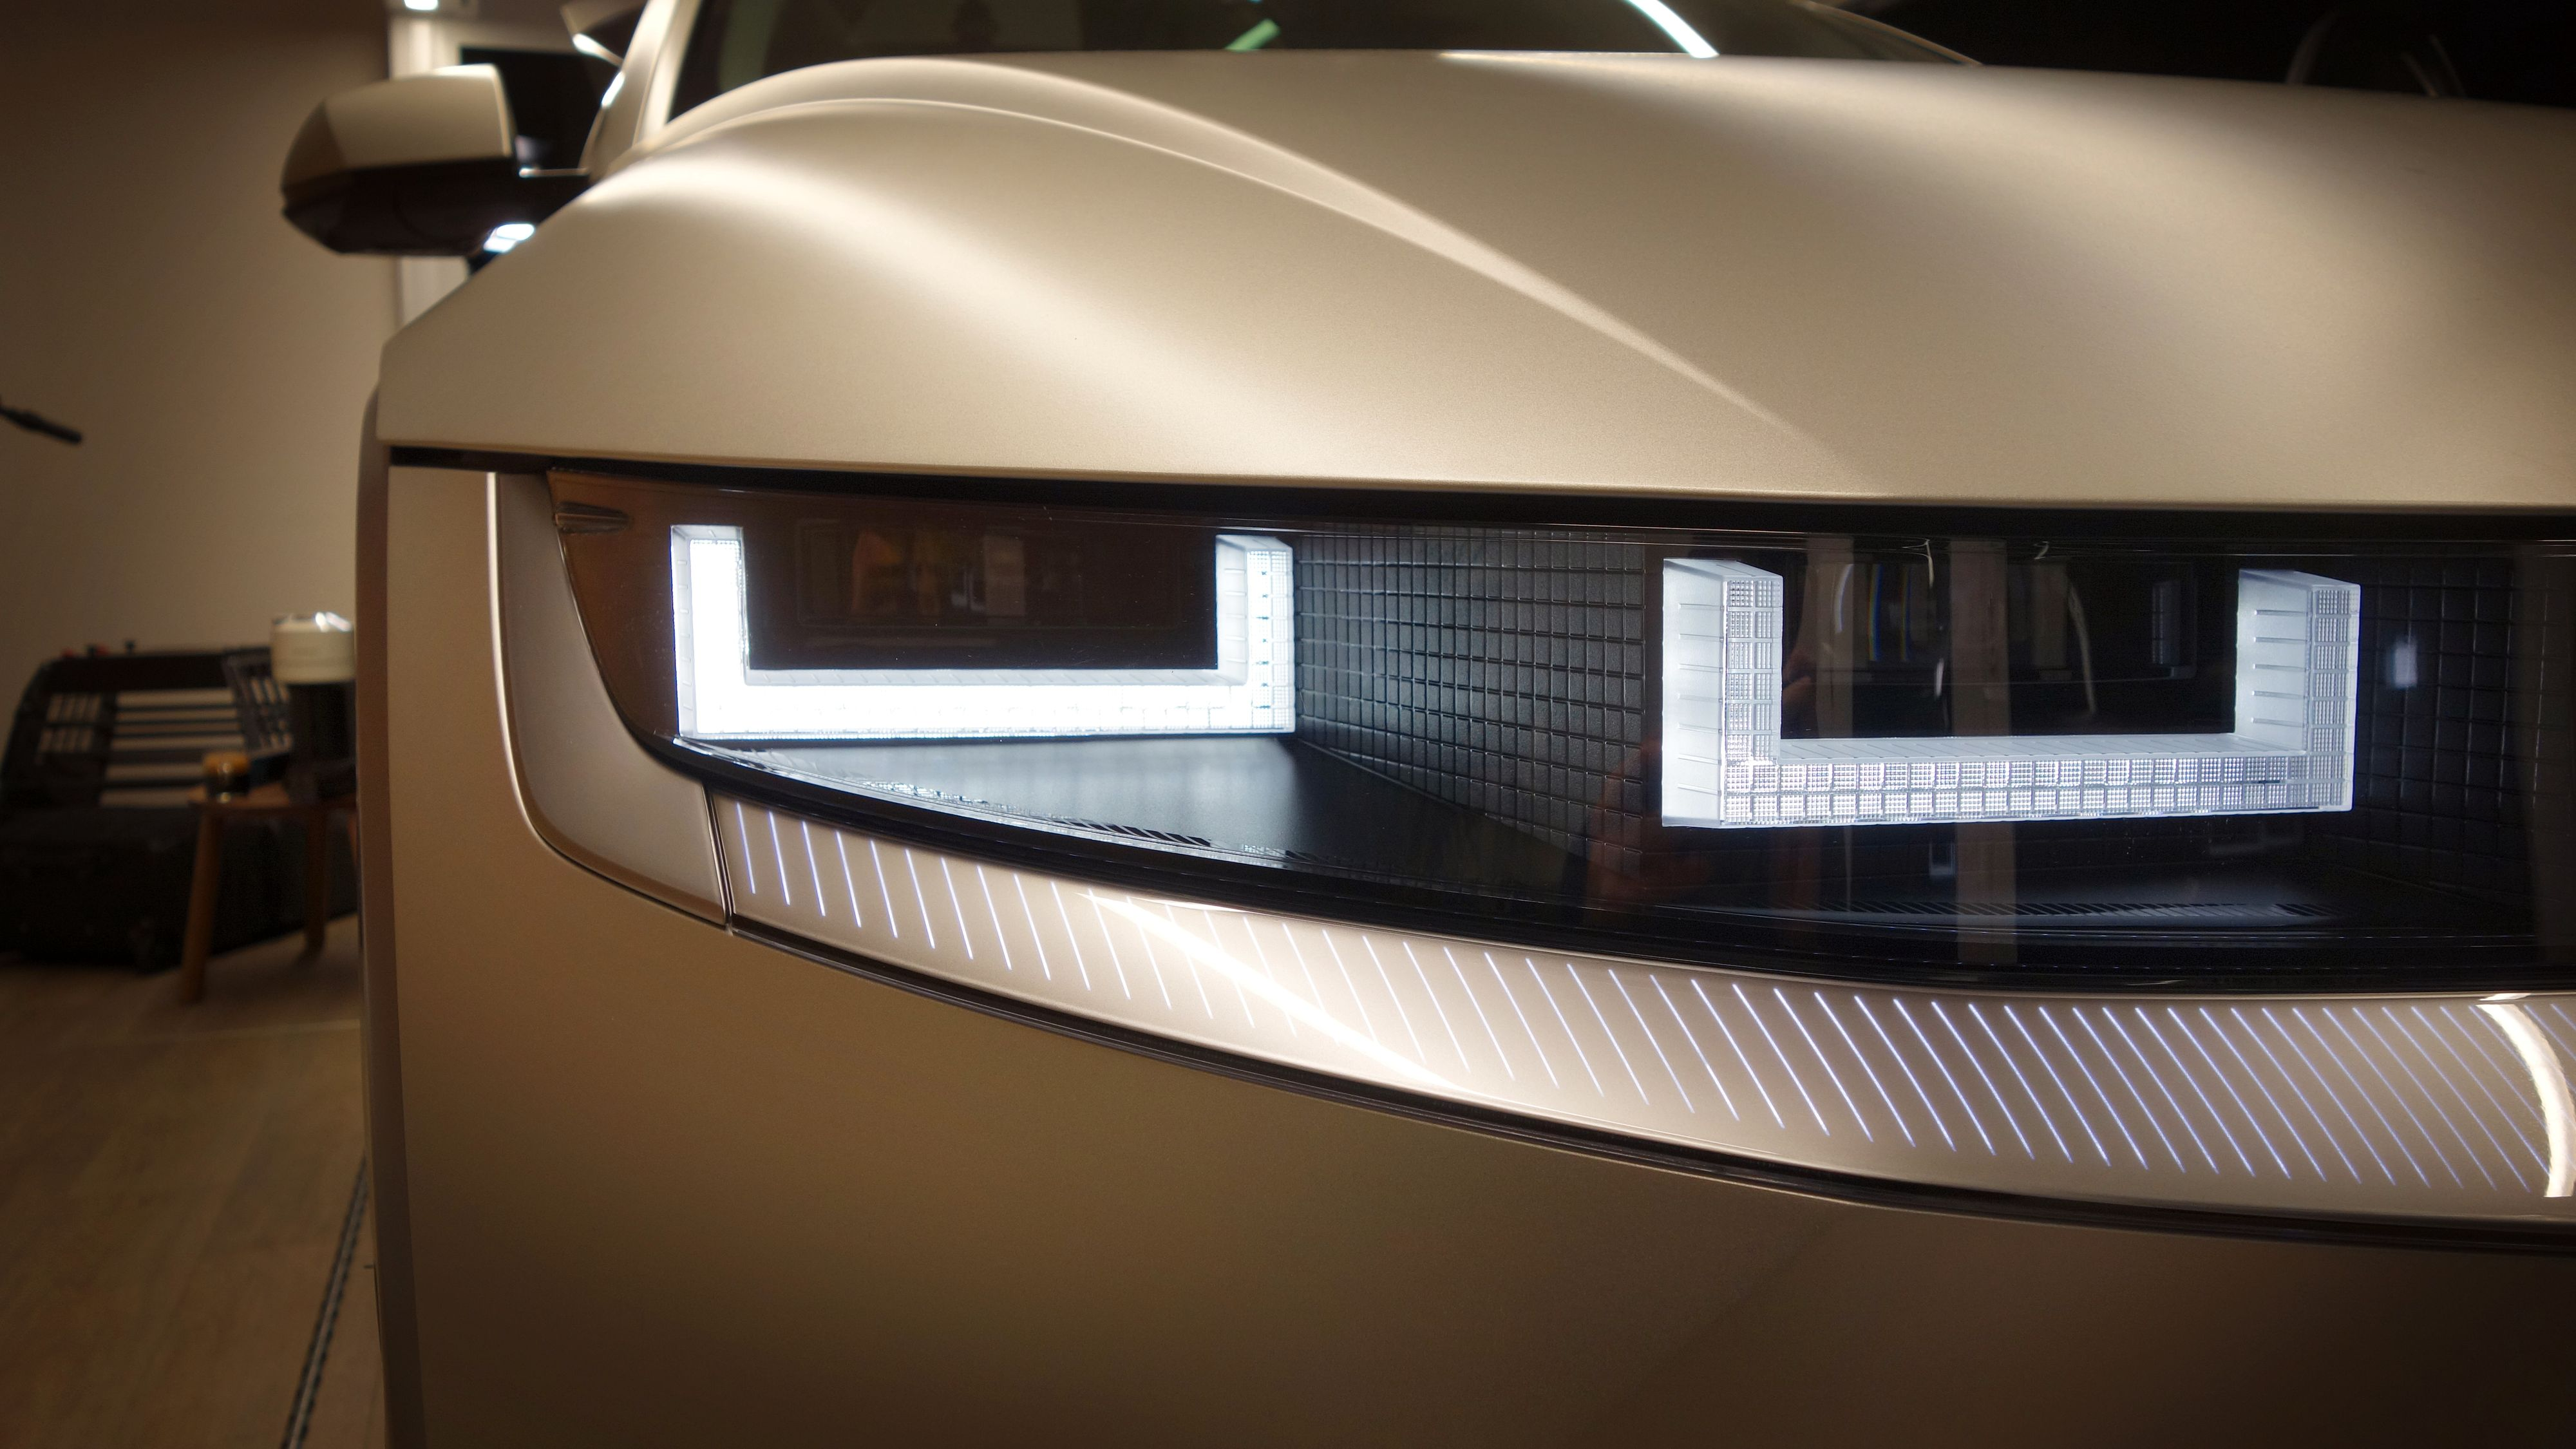 Ny lysteknologi fra Hyundai i form av små LED-klosser de kaller «piksel-lys».